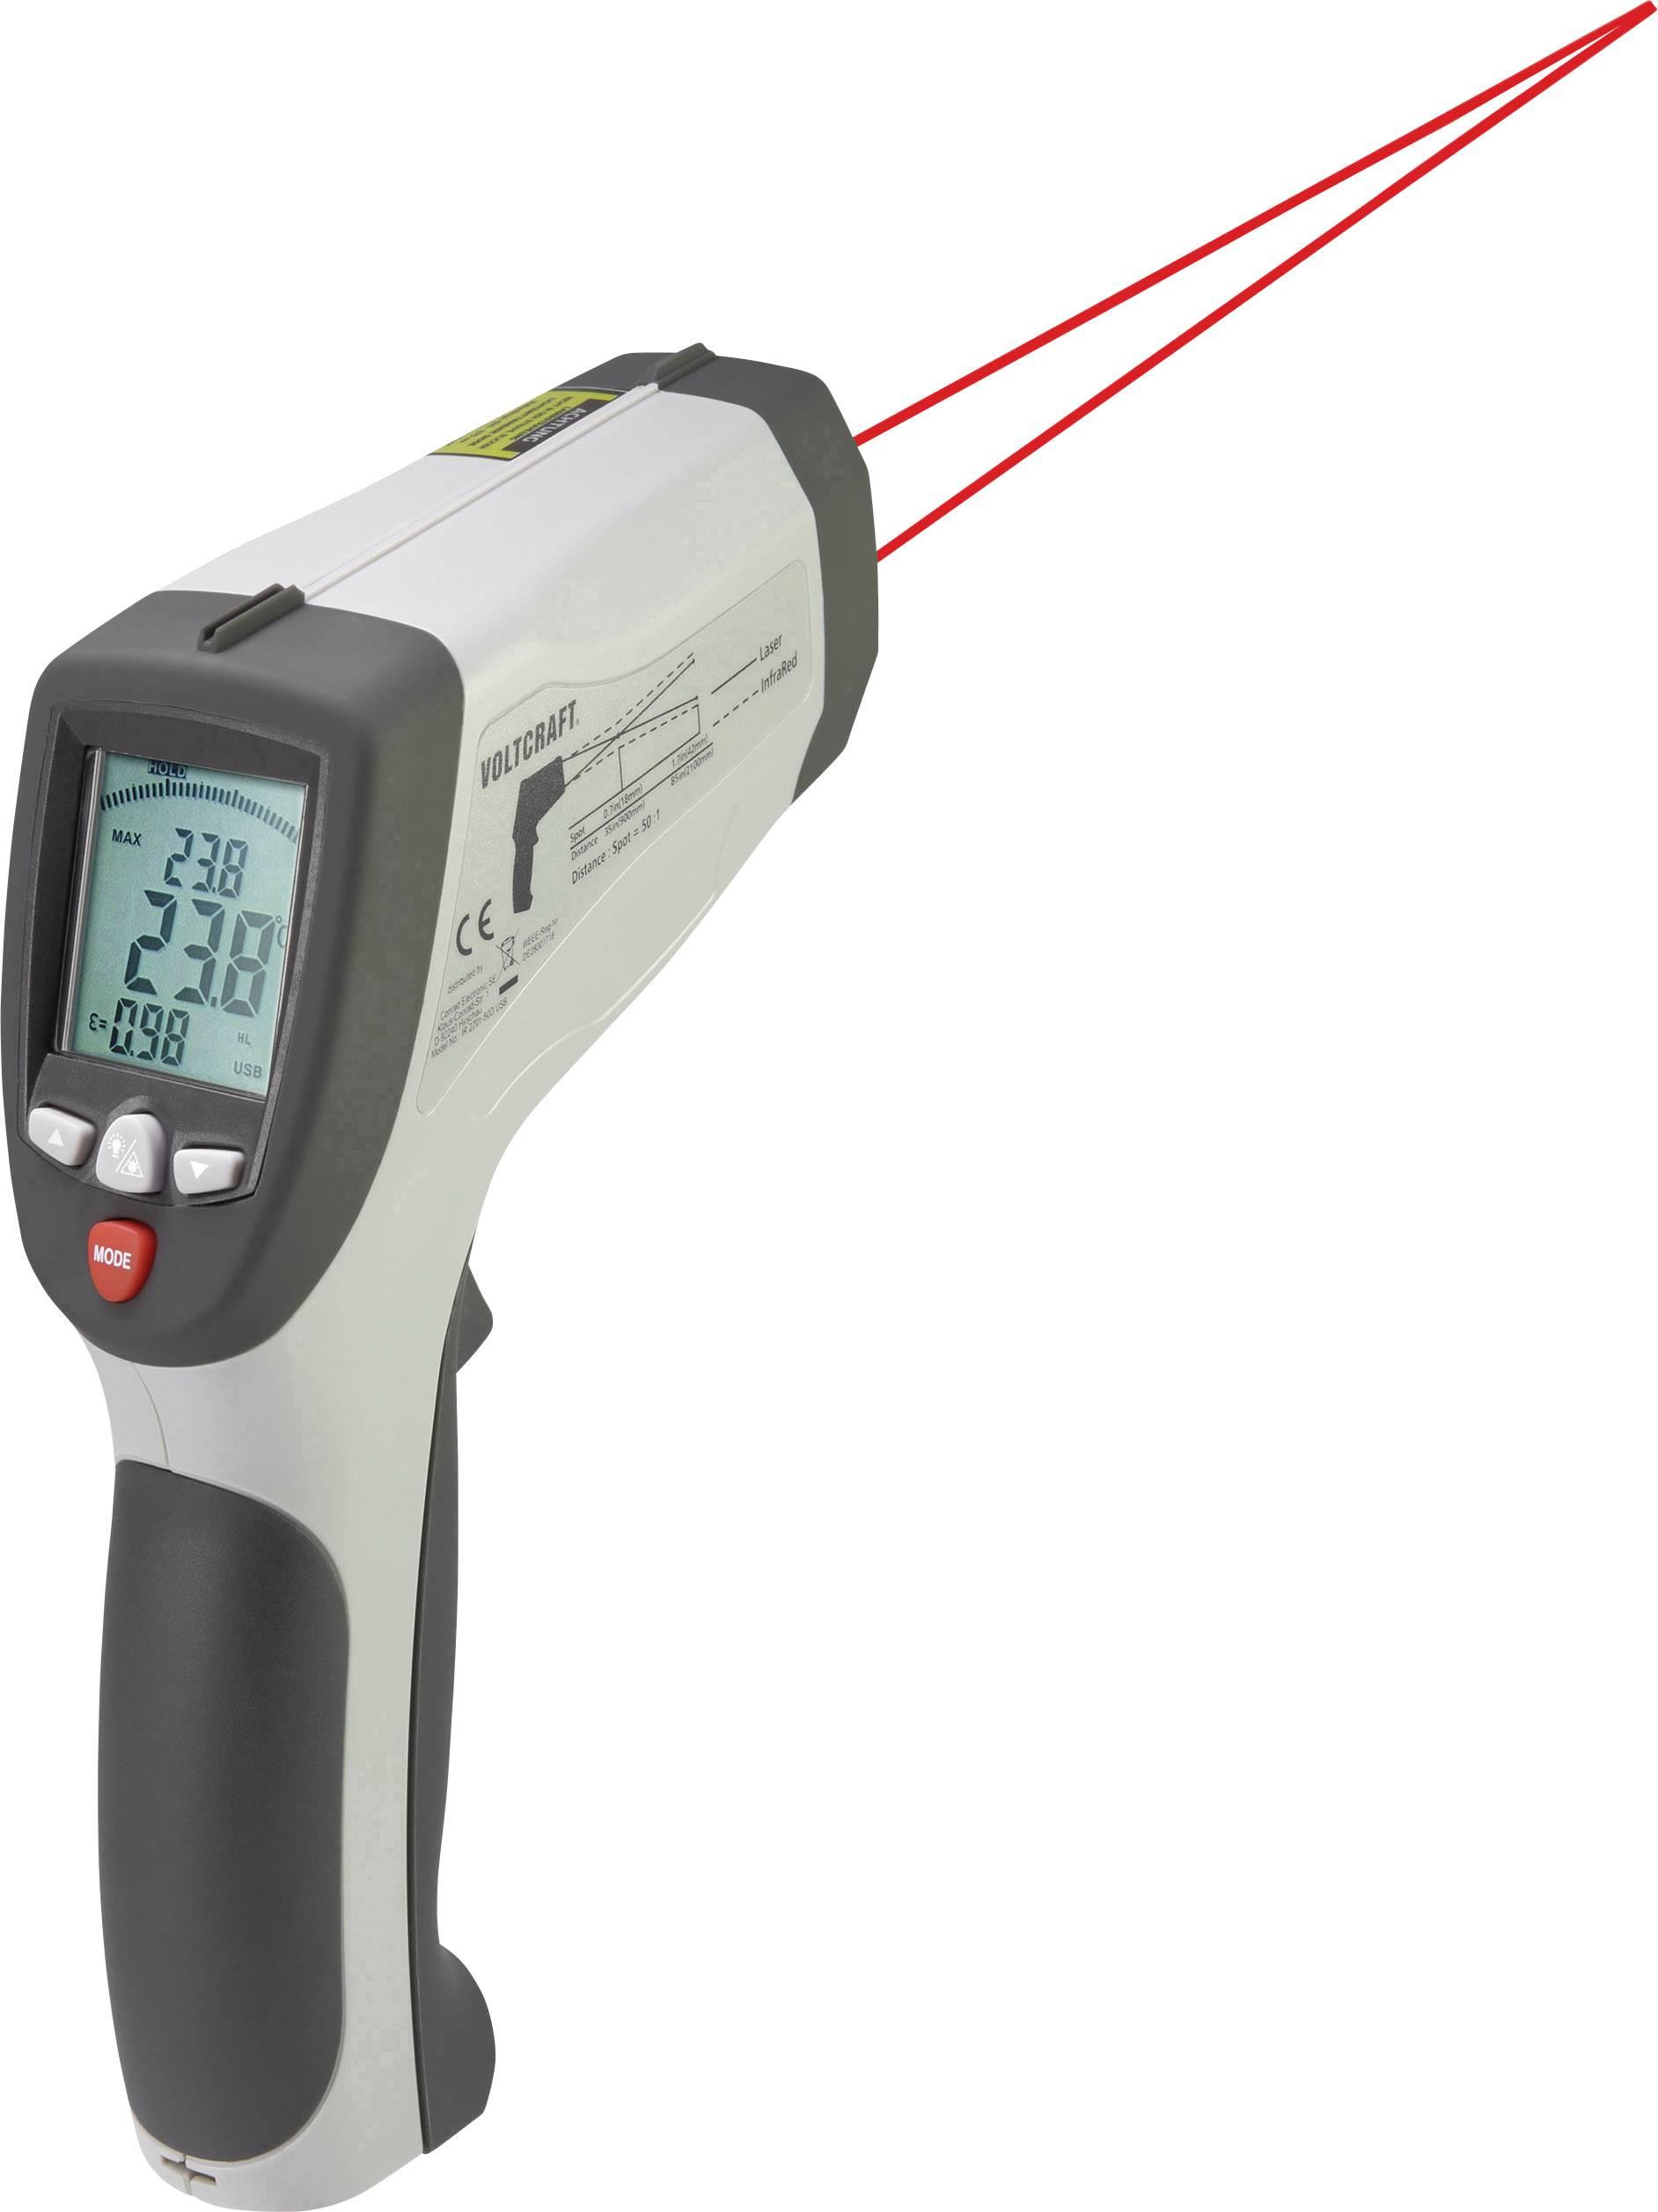 Infračervený teploměr VOLTCRAFT IR 2201-50D USB, Optika 50:1, -50 až 2200 °C, pyrometr